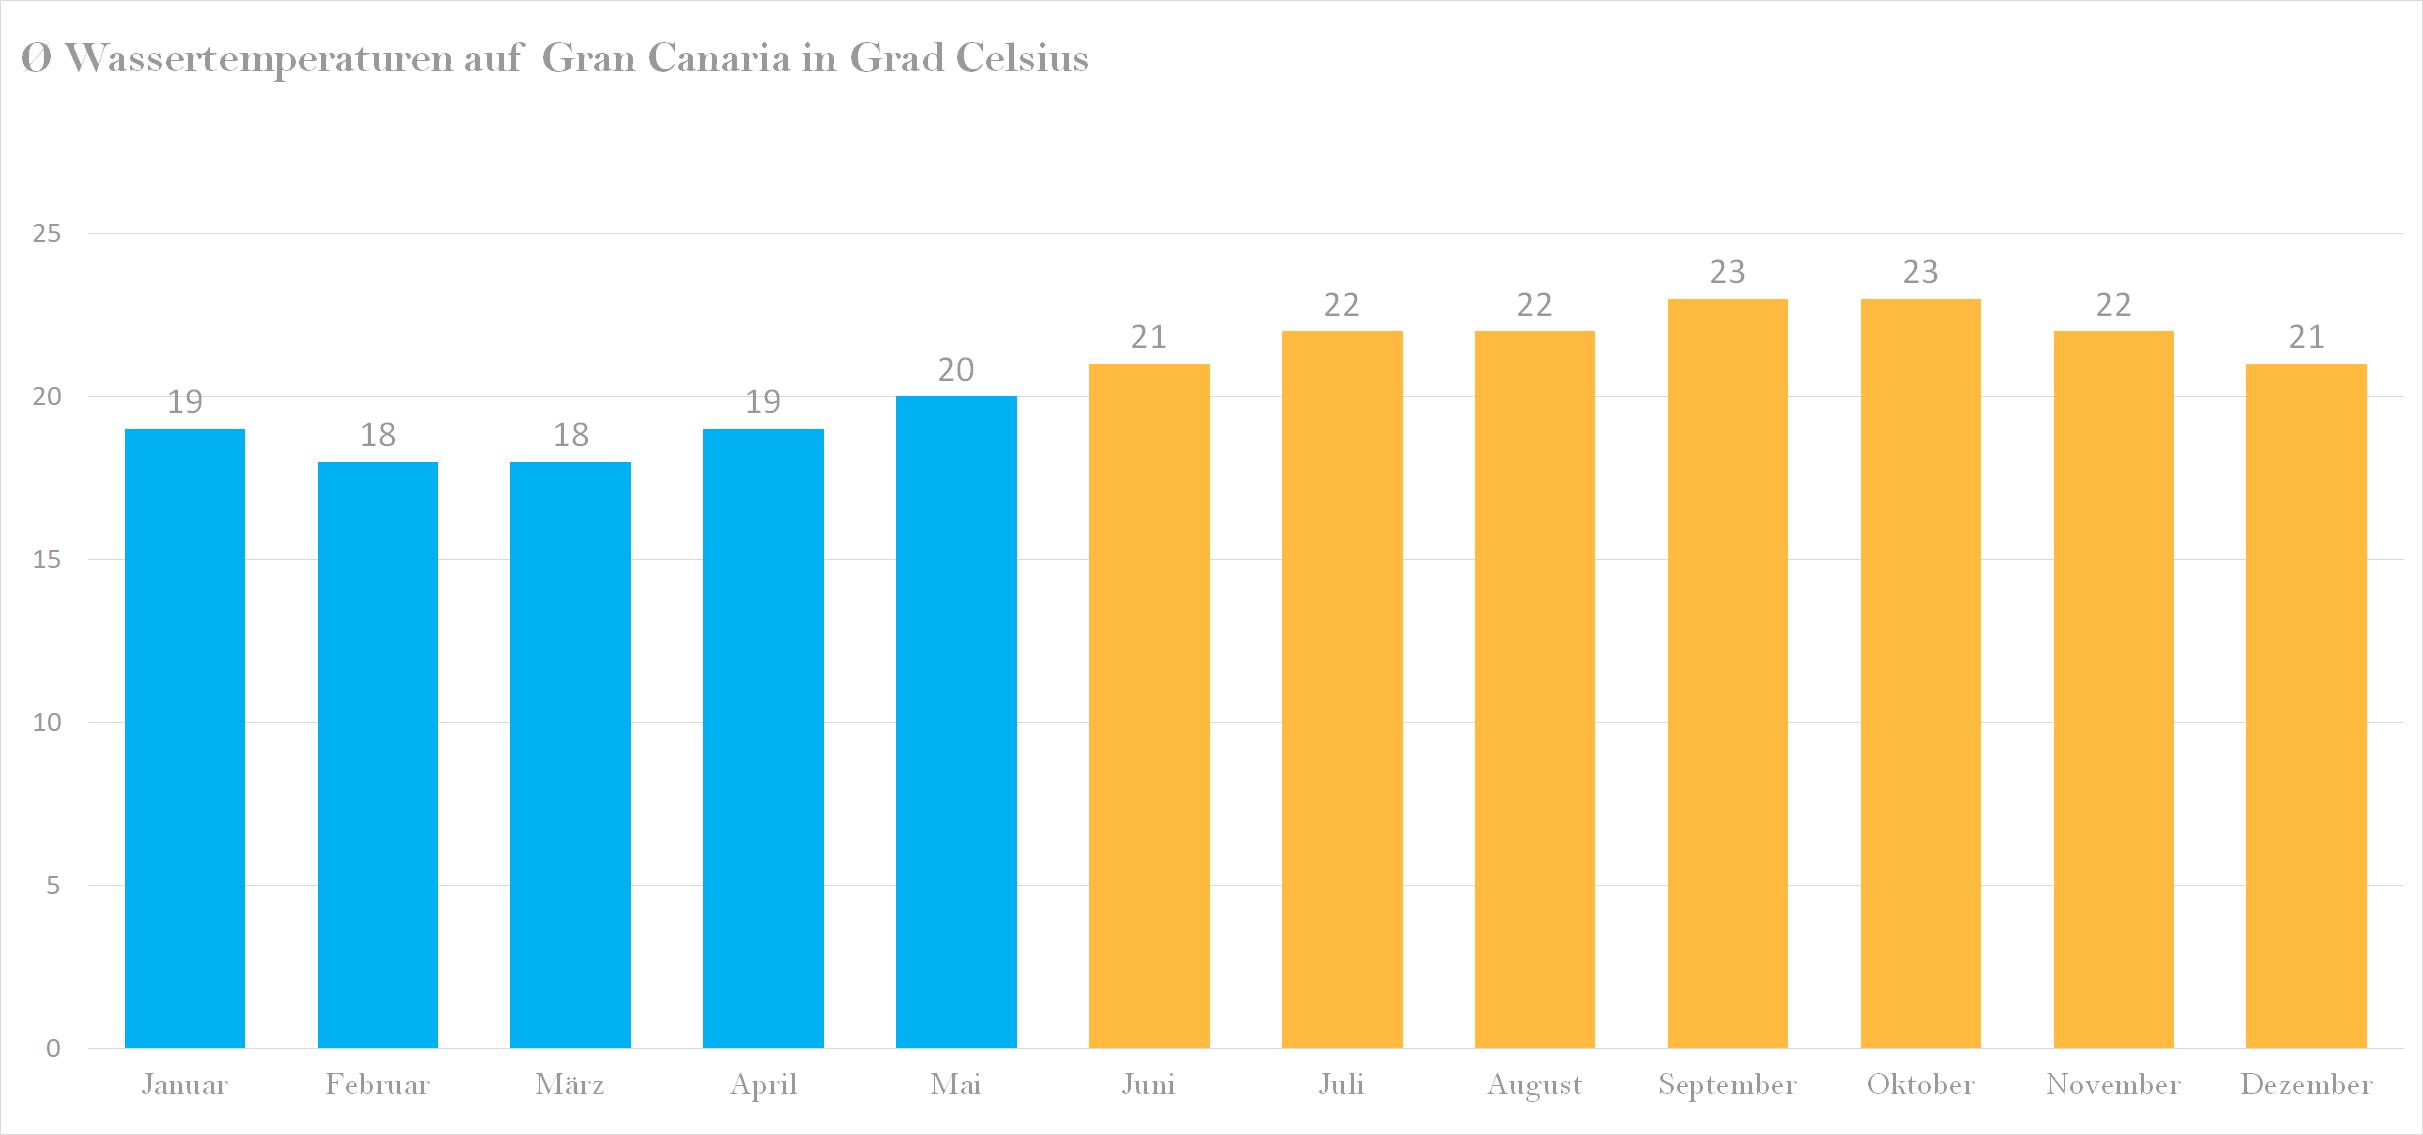 Wassertemperatur für Gran Canaria im Jahresverlauf